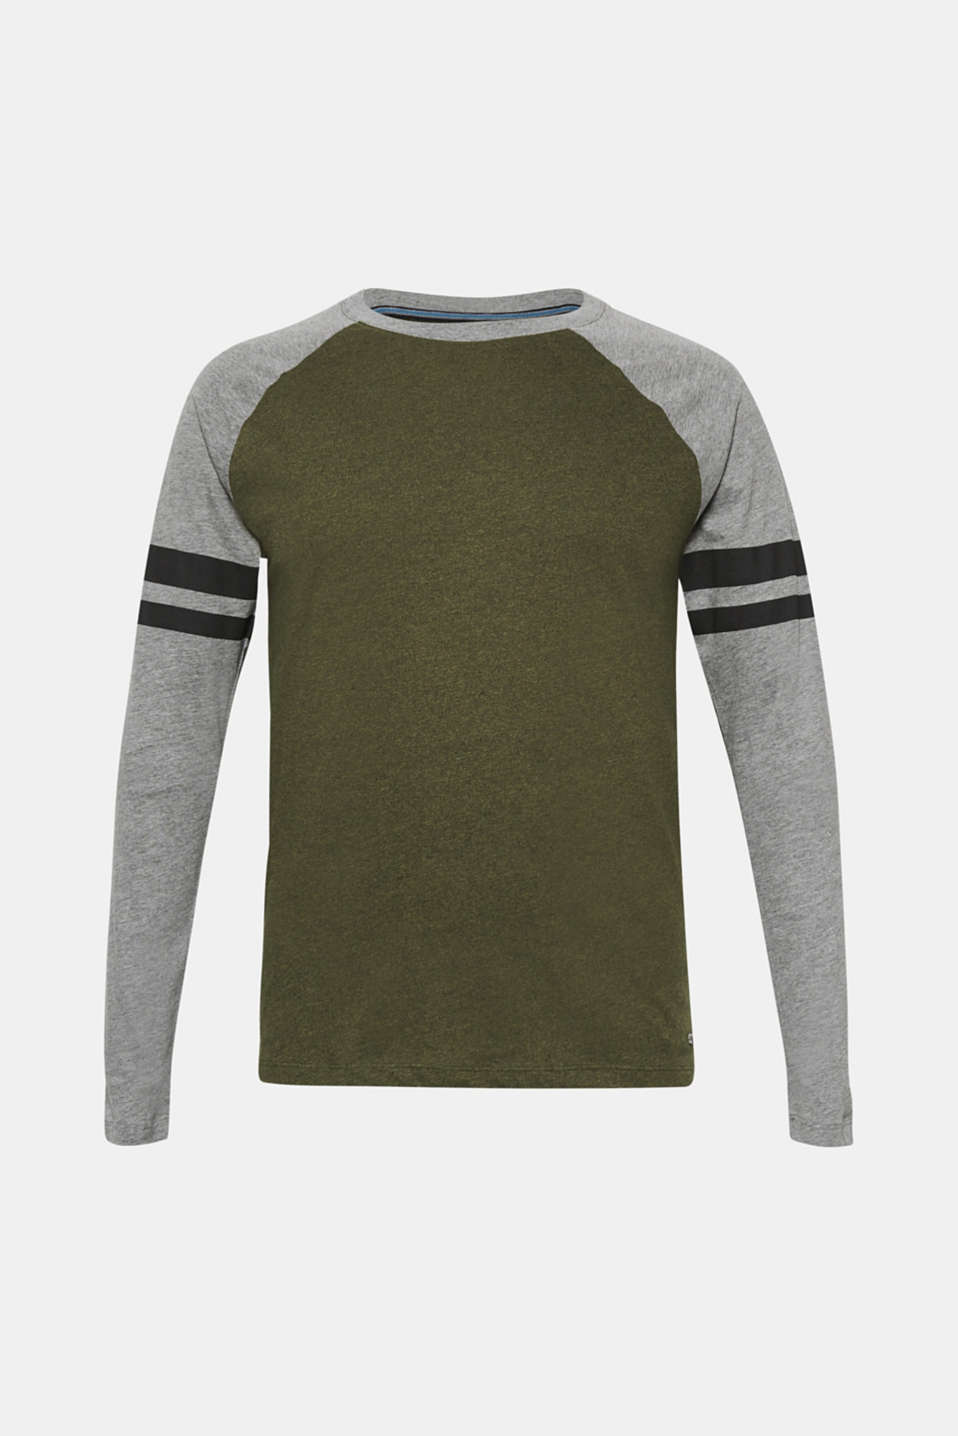 T-Shirts, MEDIUM GREY 3, detail image number 7